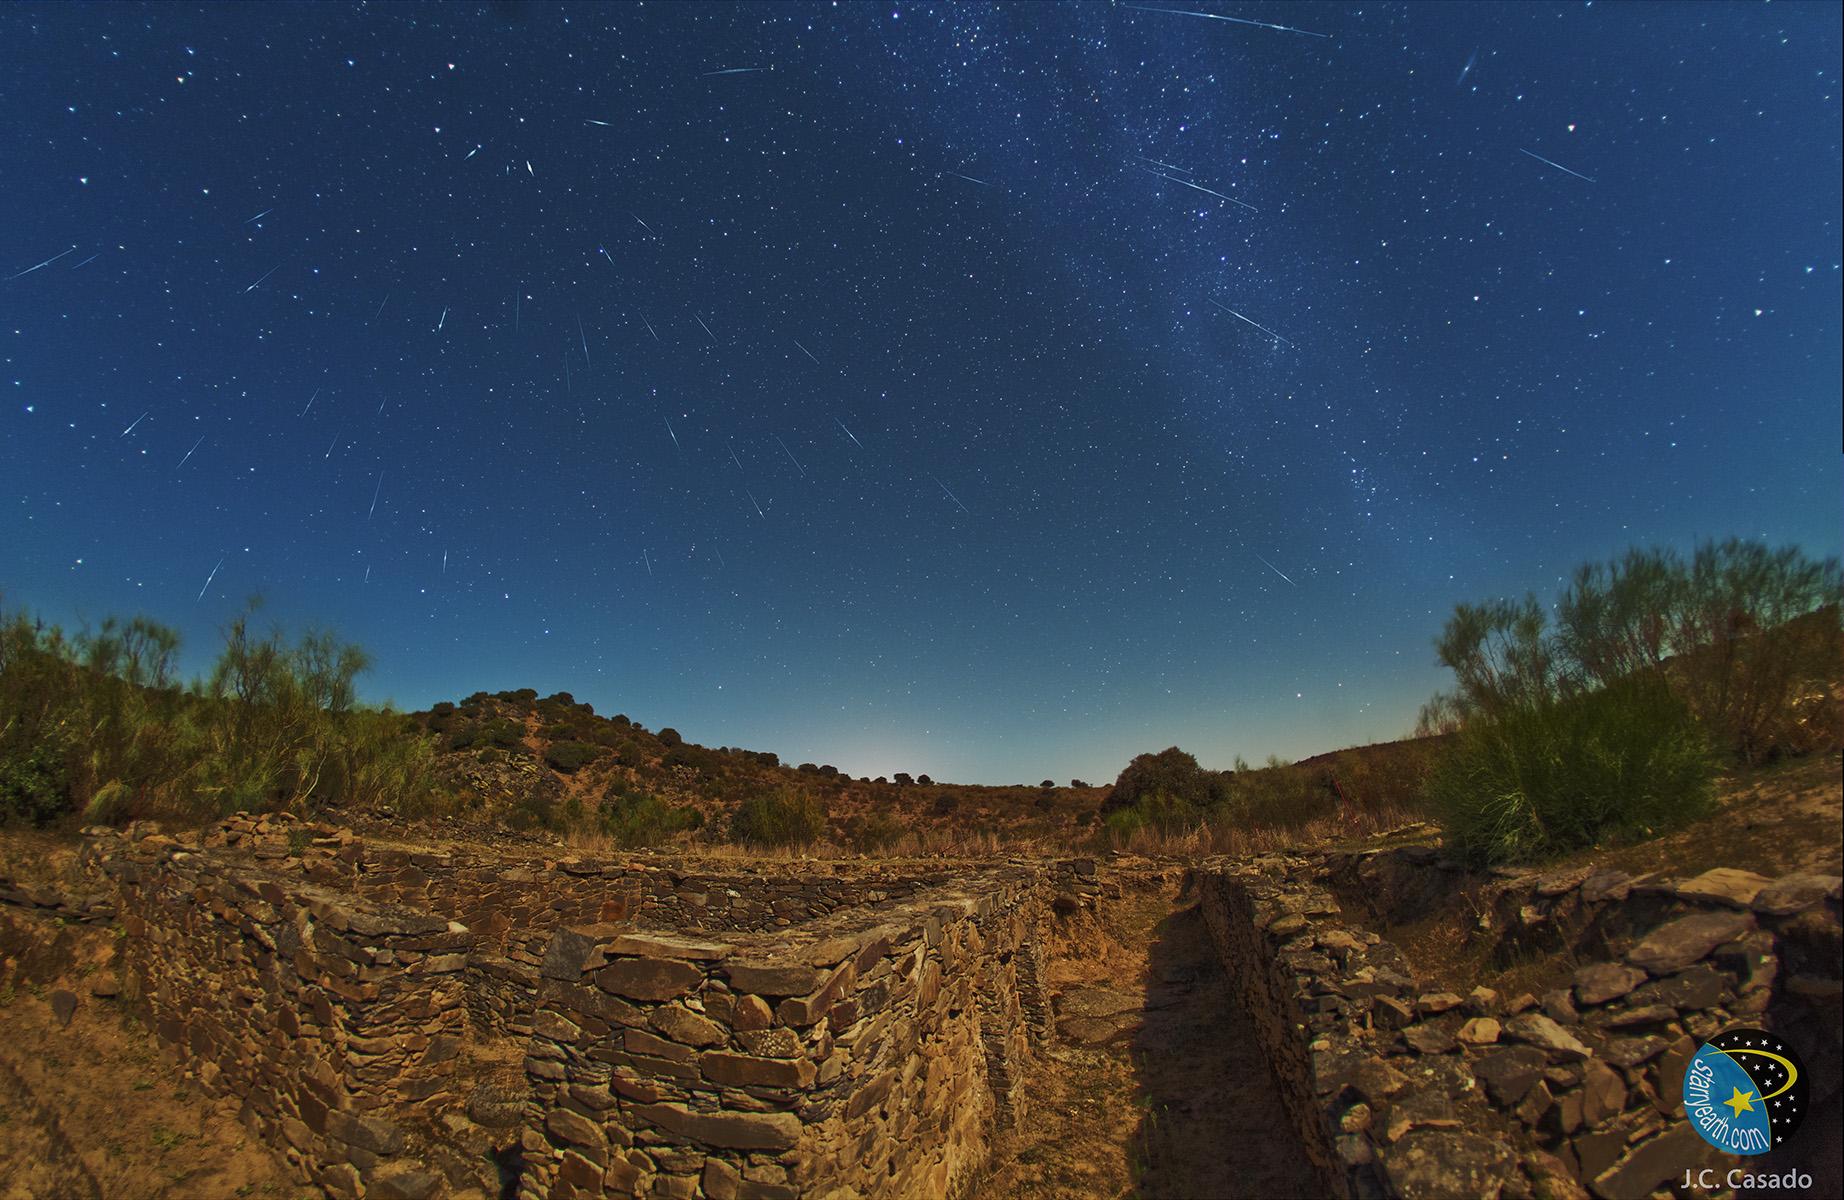 2011 Draconids meteor outburst photographed by Juan Carlos Casado from Spain. Credit: Juan Carlos Casado